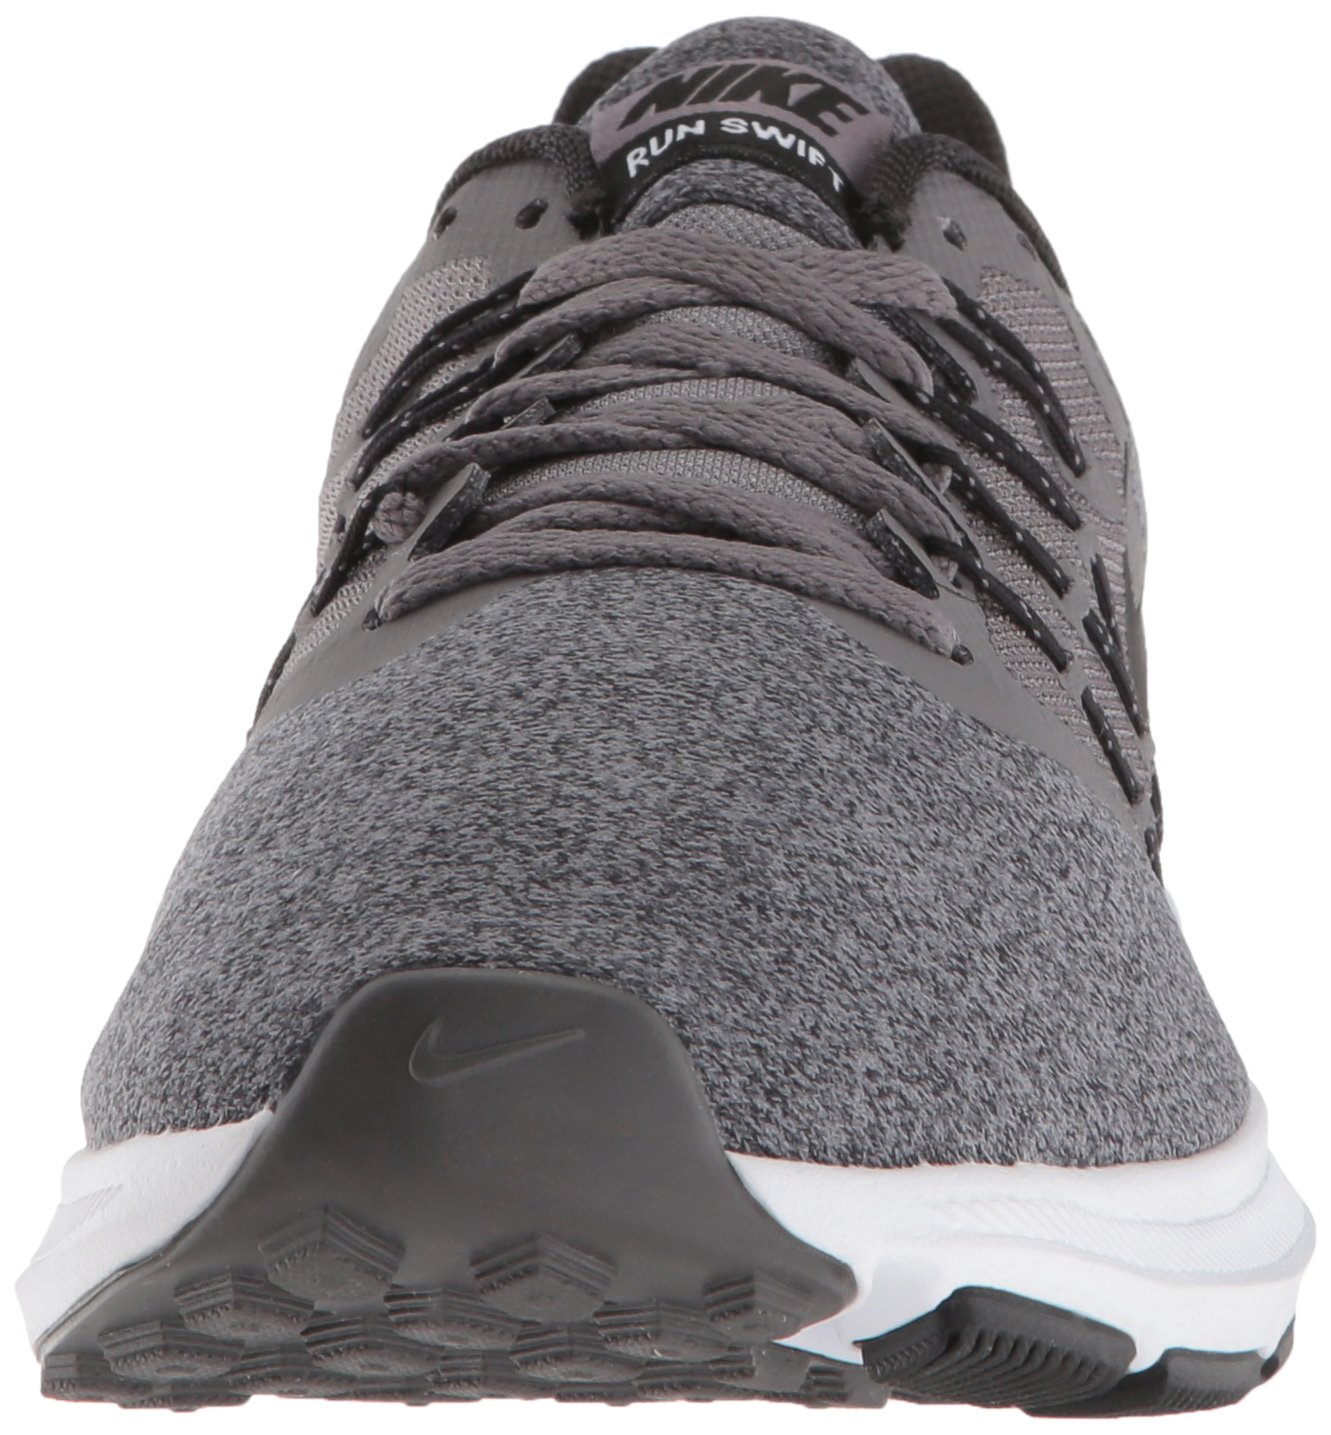 810LVMlB9fL - Nike WMNS Run Swift Womens 909006-401